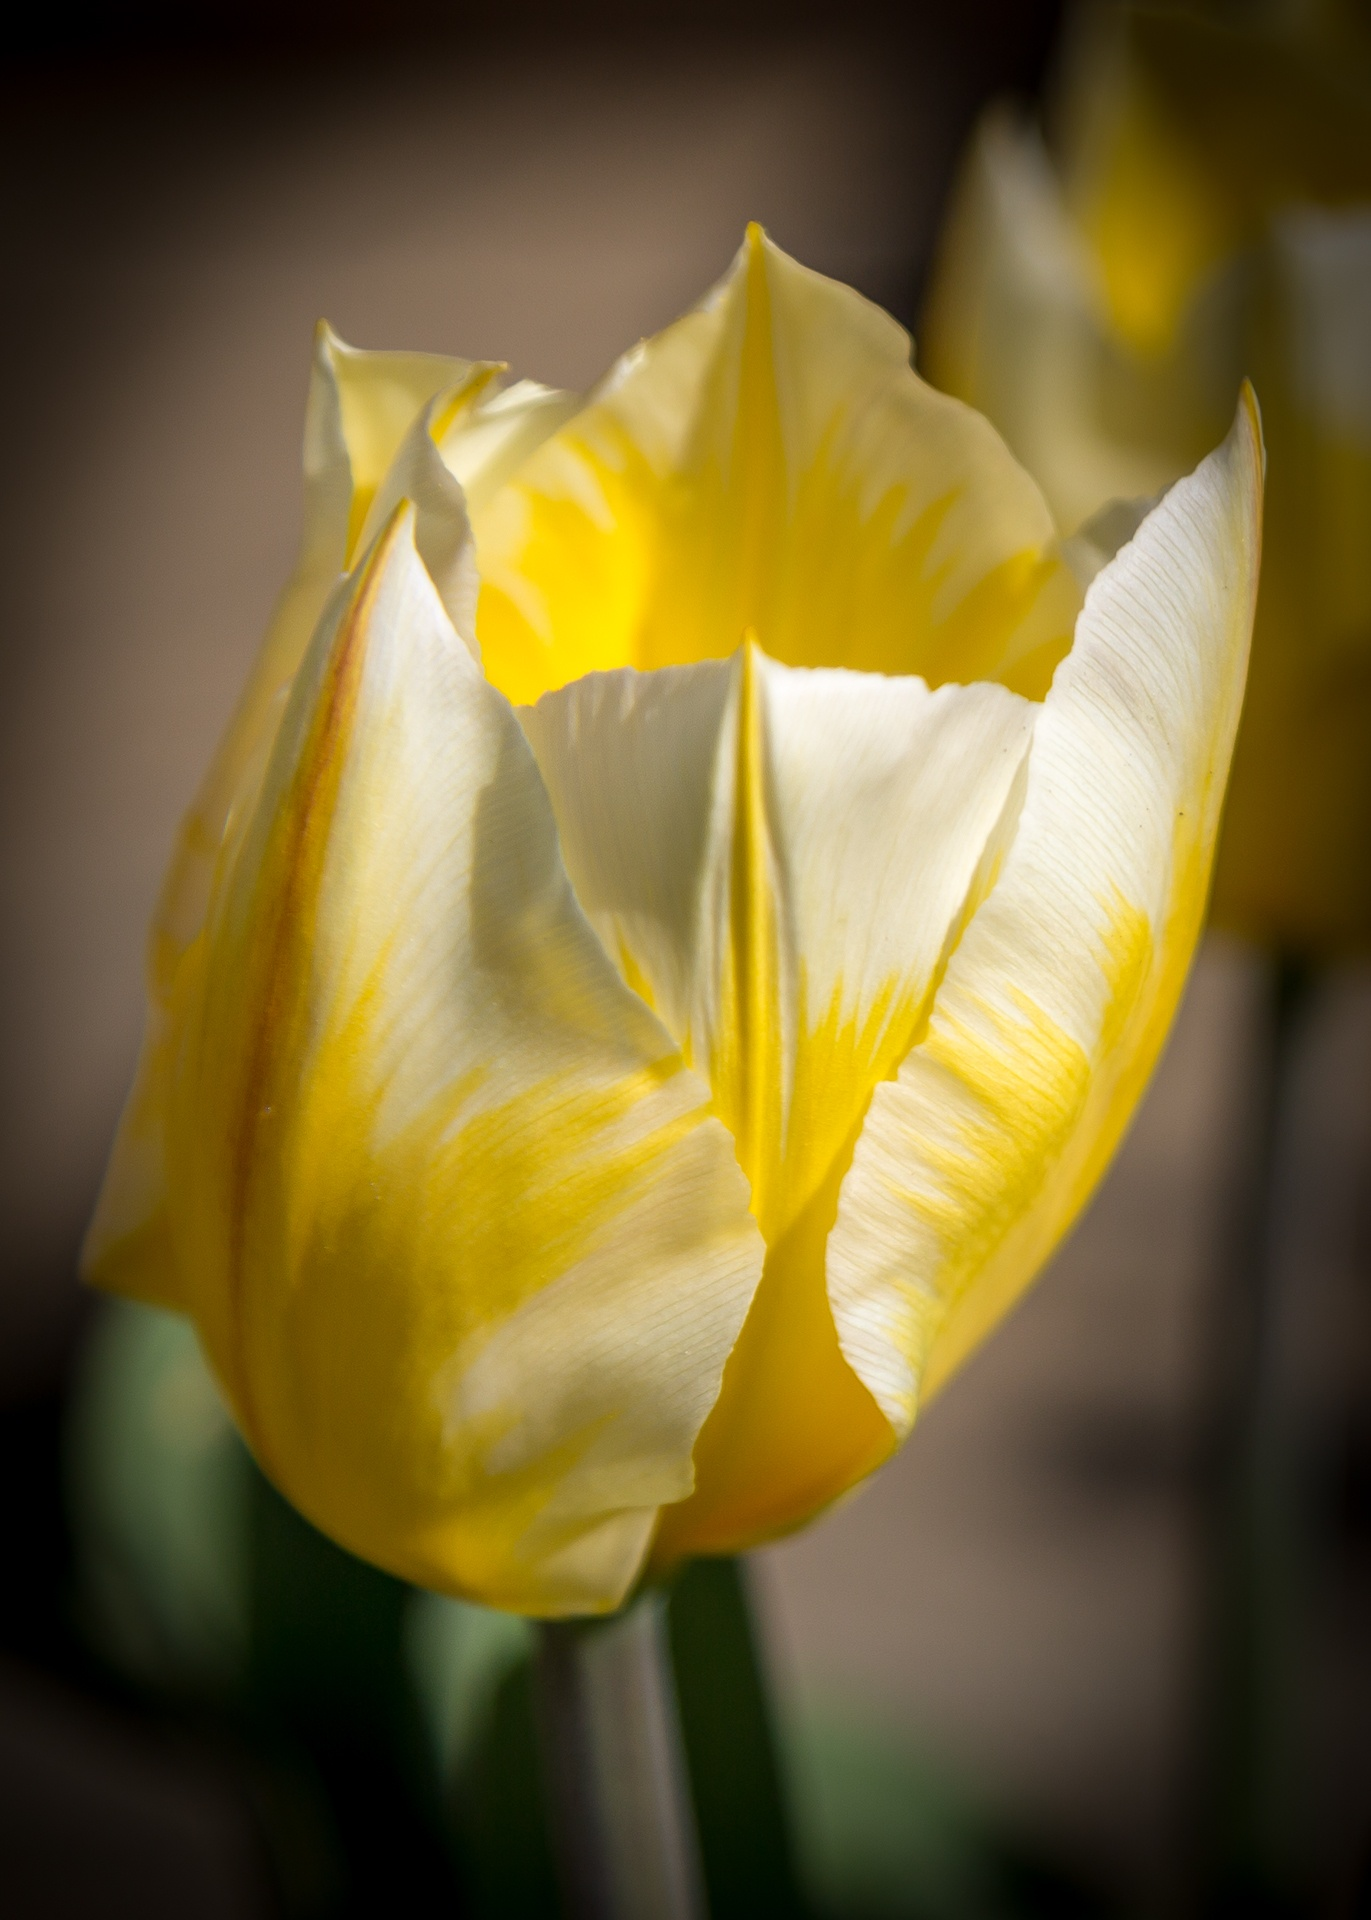 Yellow and white tulip